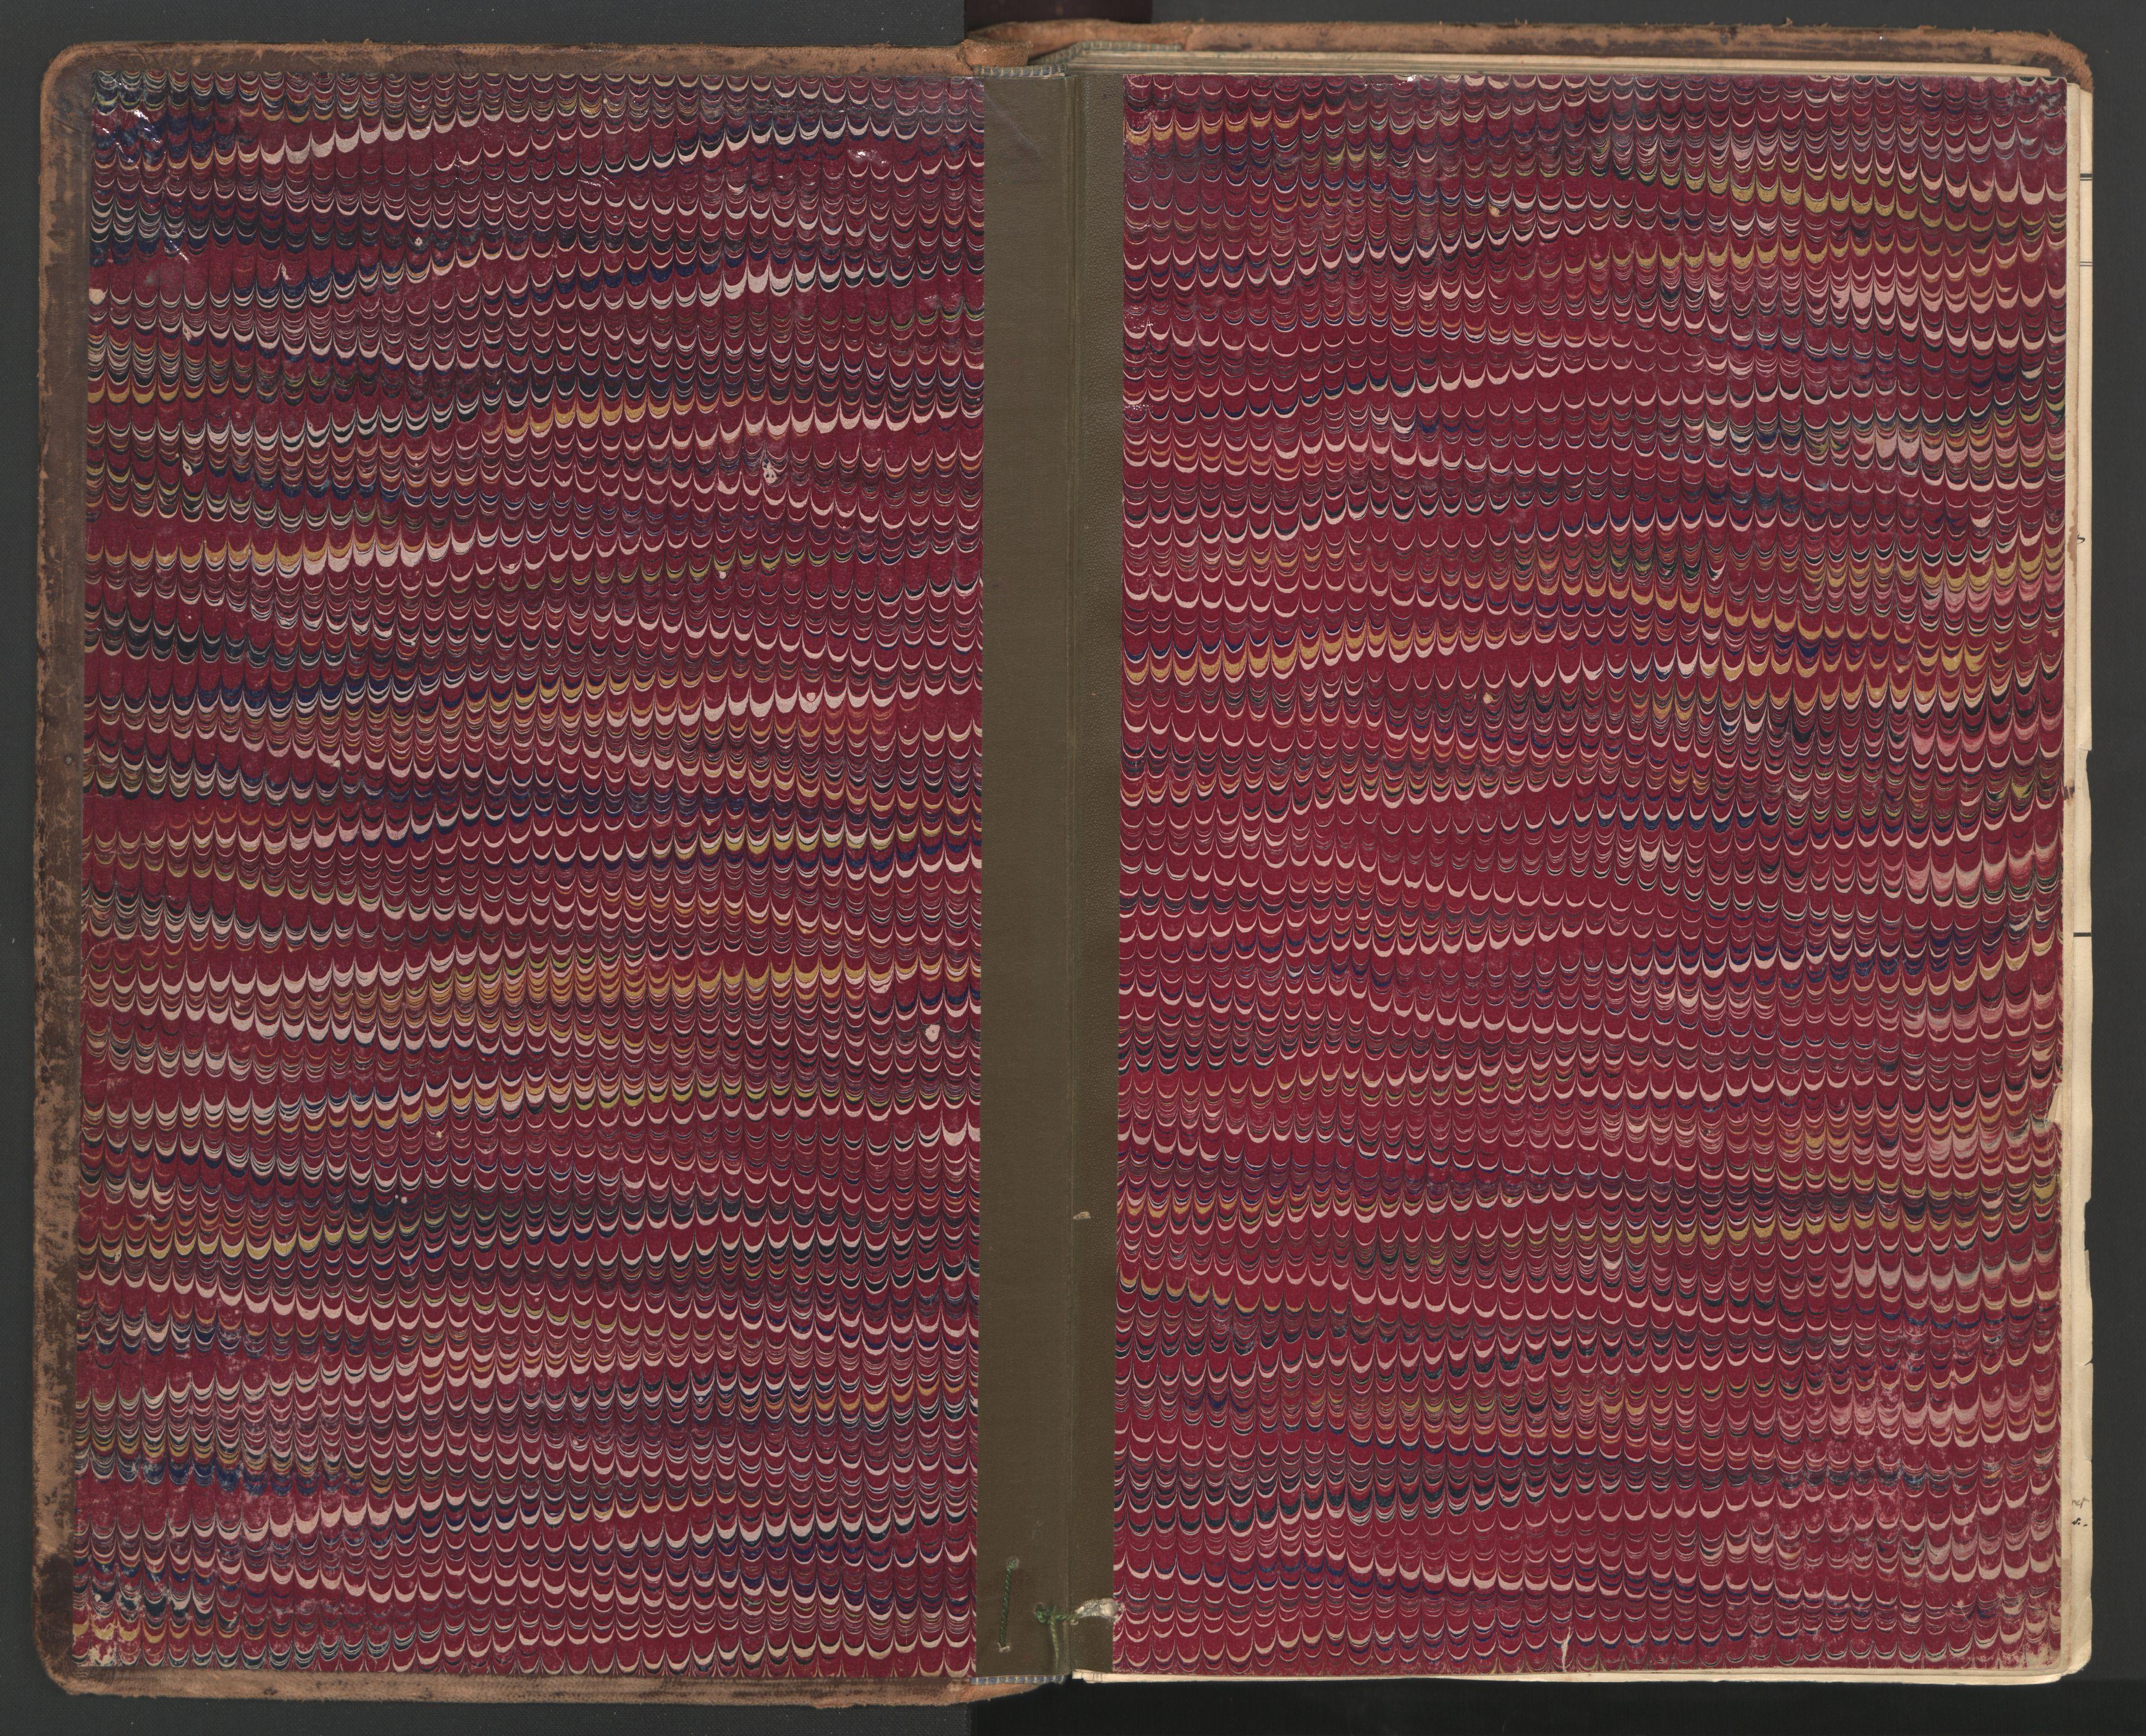 SAT, Ministerialprotokoller, klokkerbøker og fødselsregistre - Nord-Trøndelag, 764/L0556: Ministerialbok nr. 764A11, 1897-1924